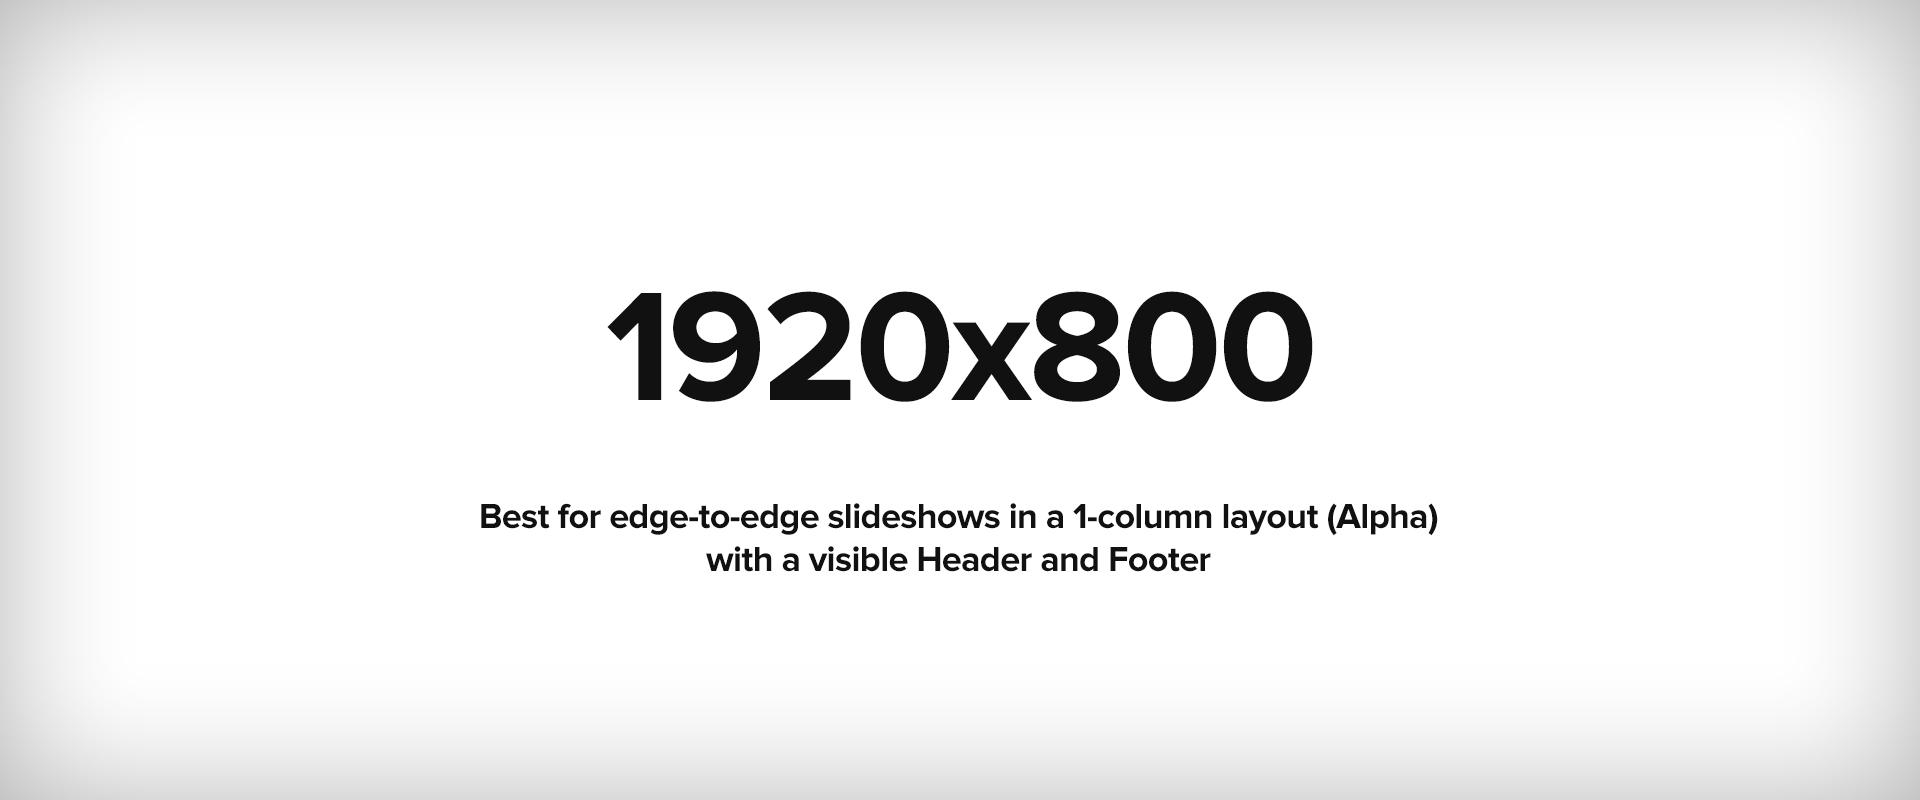 1920x800 Example image